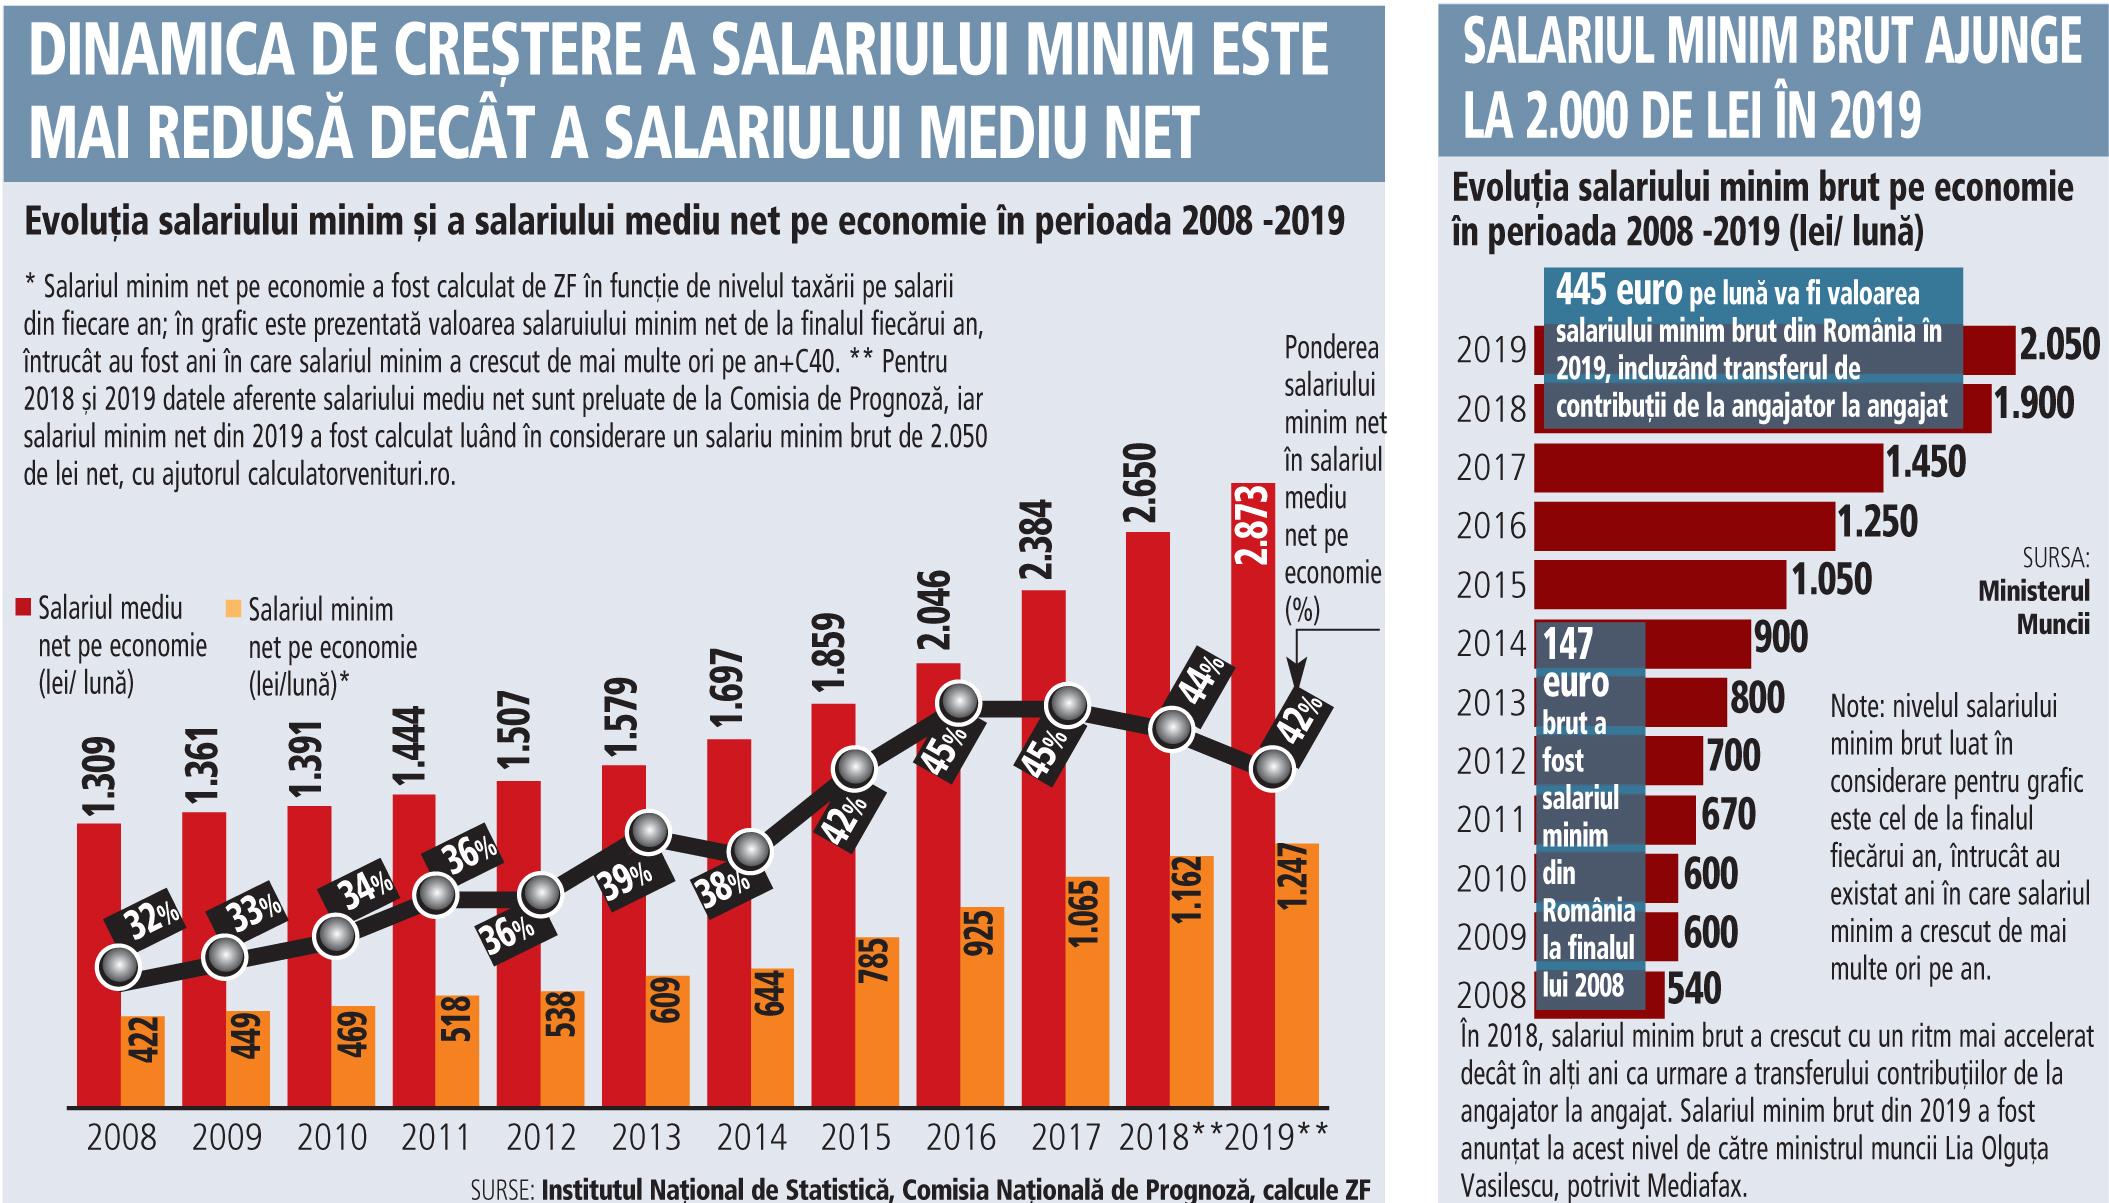 Oficial, 1,5 milioane de angajaţi vor avea salarii nete mai mari cu 85 lei din 2019. Salariul minim creşte la 1.247 lei net pe lună anul viitor